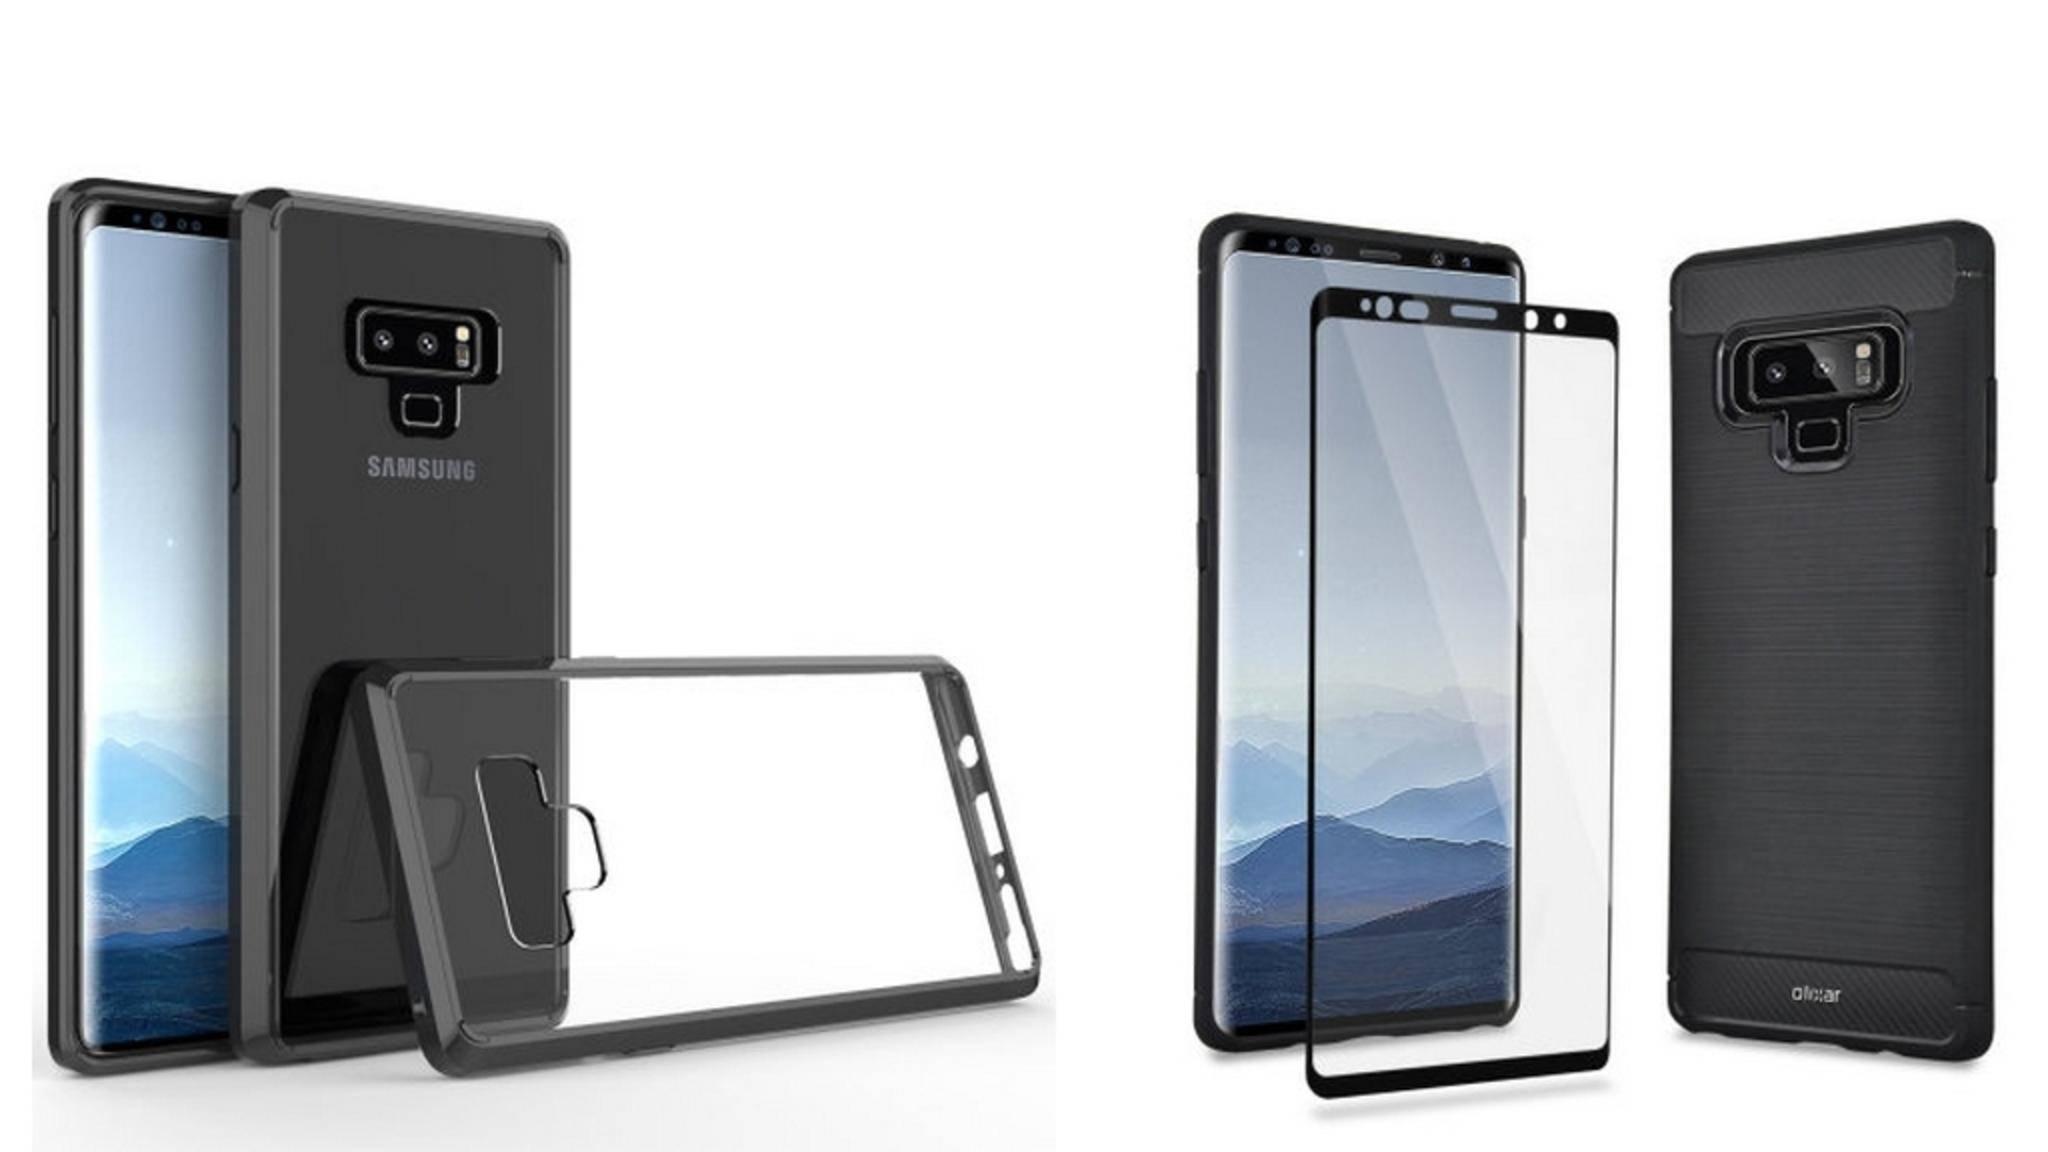 Diese Bilder eines Schutzhüllen-Herstellers zeigen das Galaxy Note 9.